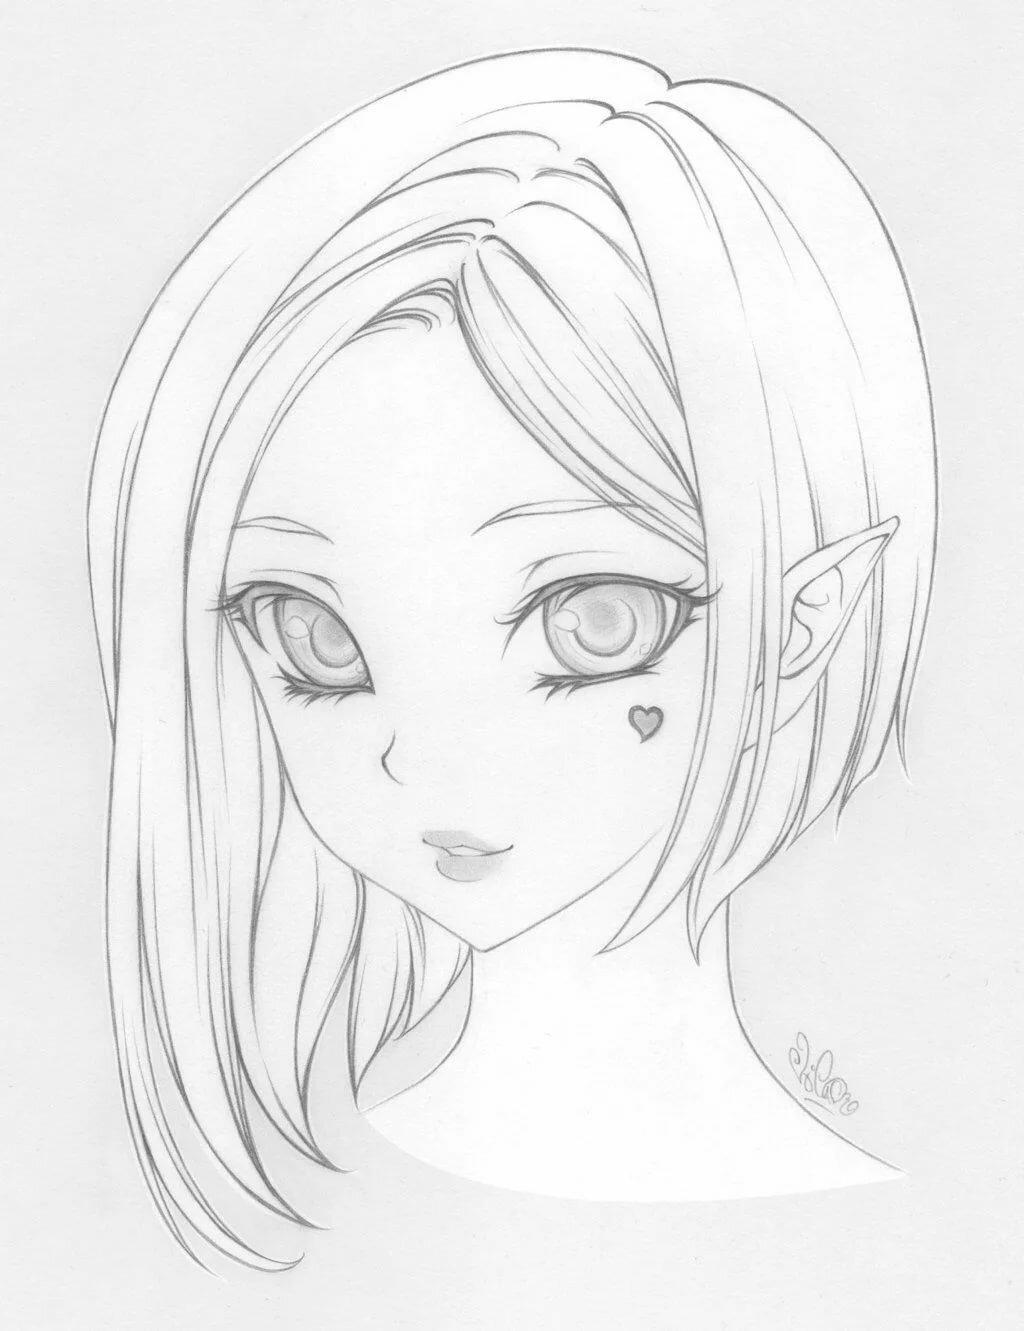 Маленьких детей, картинки для срисовки карандашом прикольные для девочек 14 лет аниме